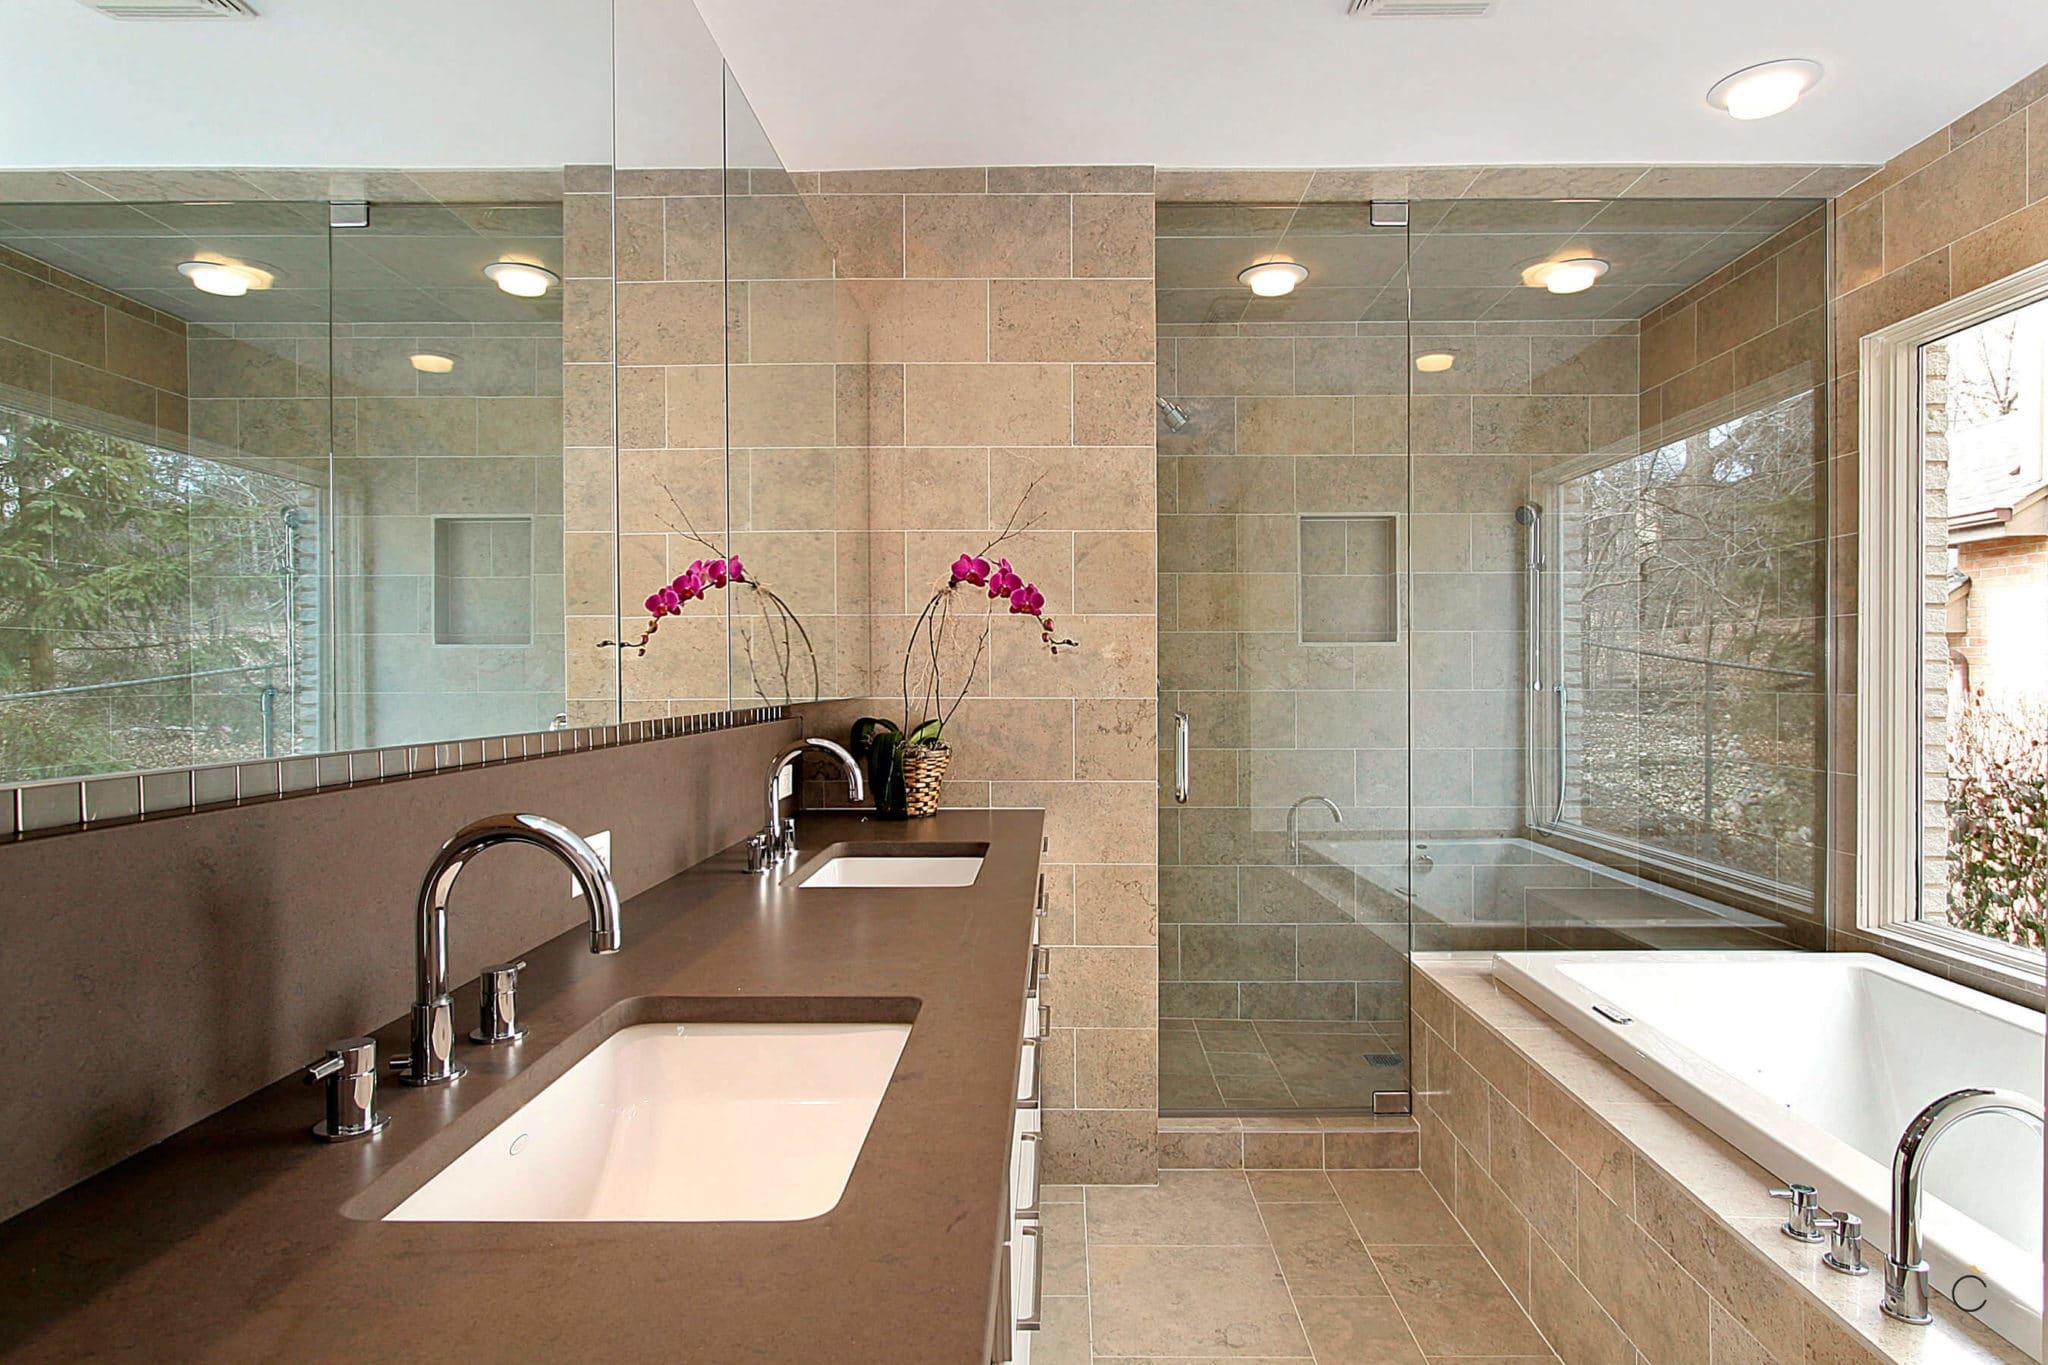 Baño a medida con doble seno, bañera y ducha de obra independientes - baños a medida